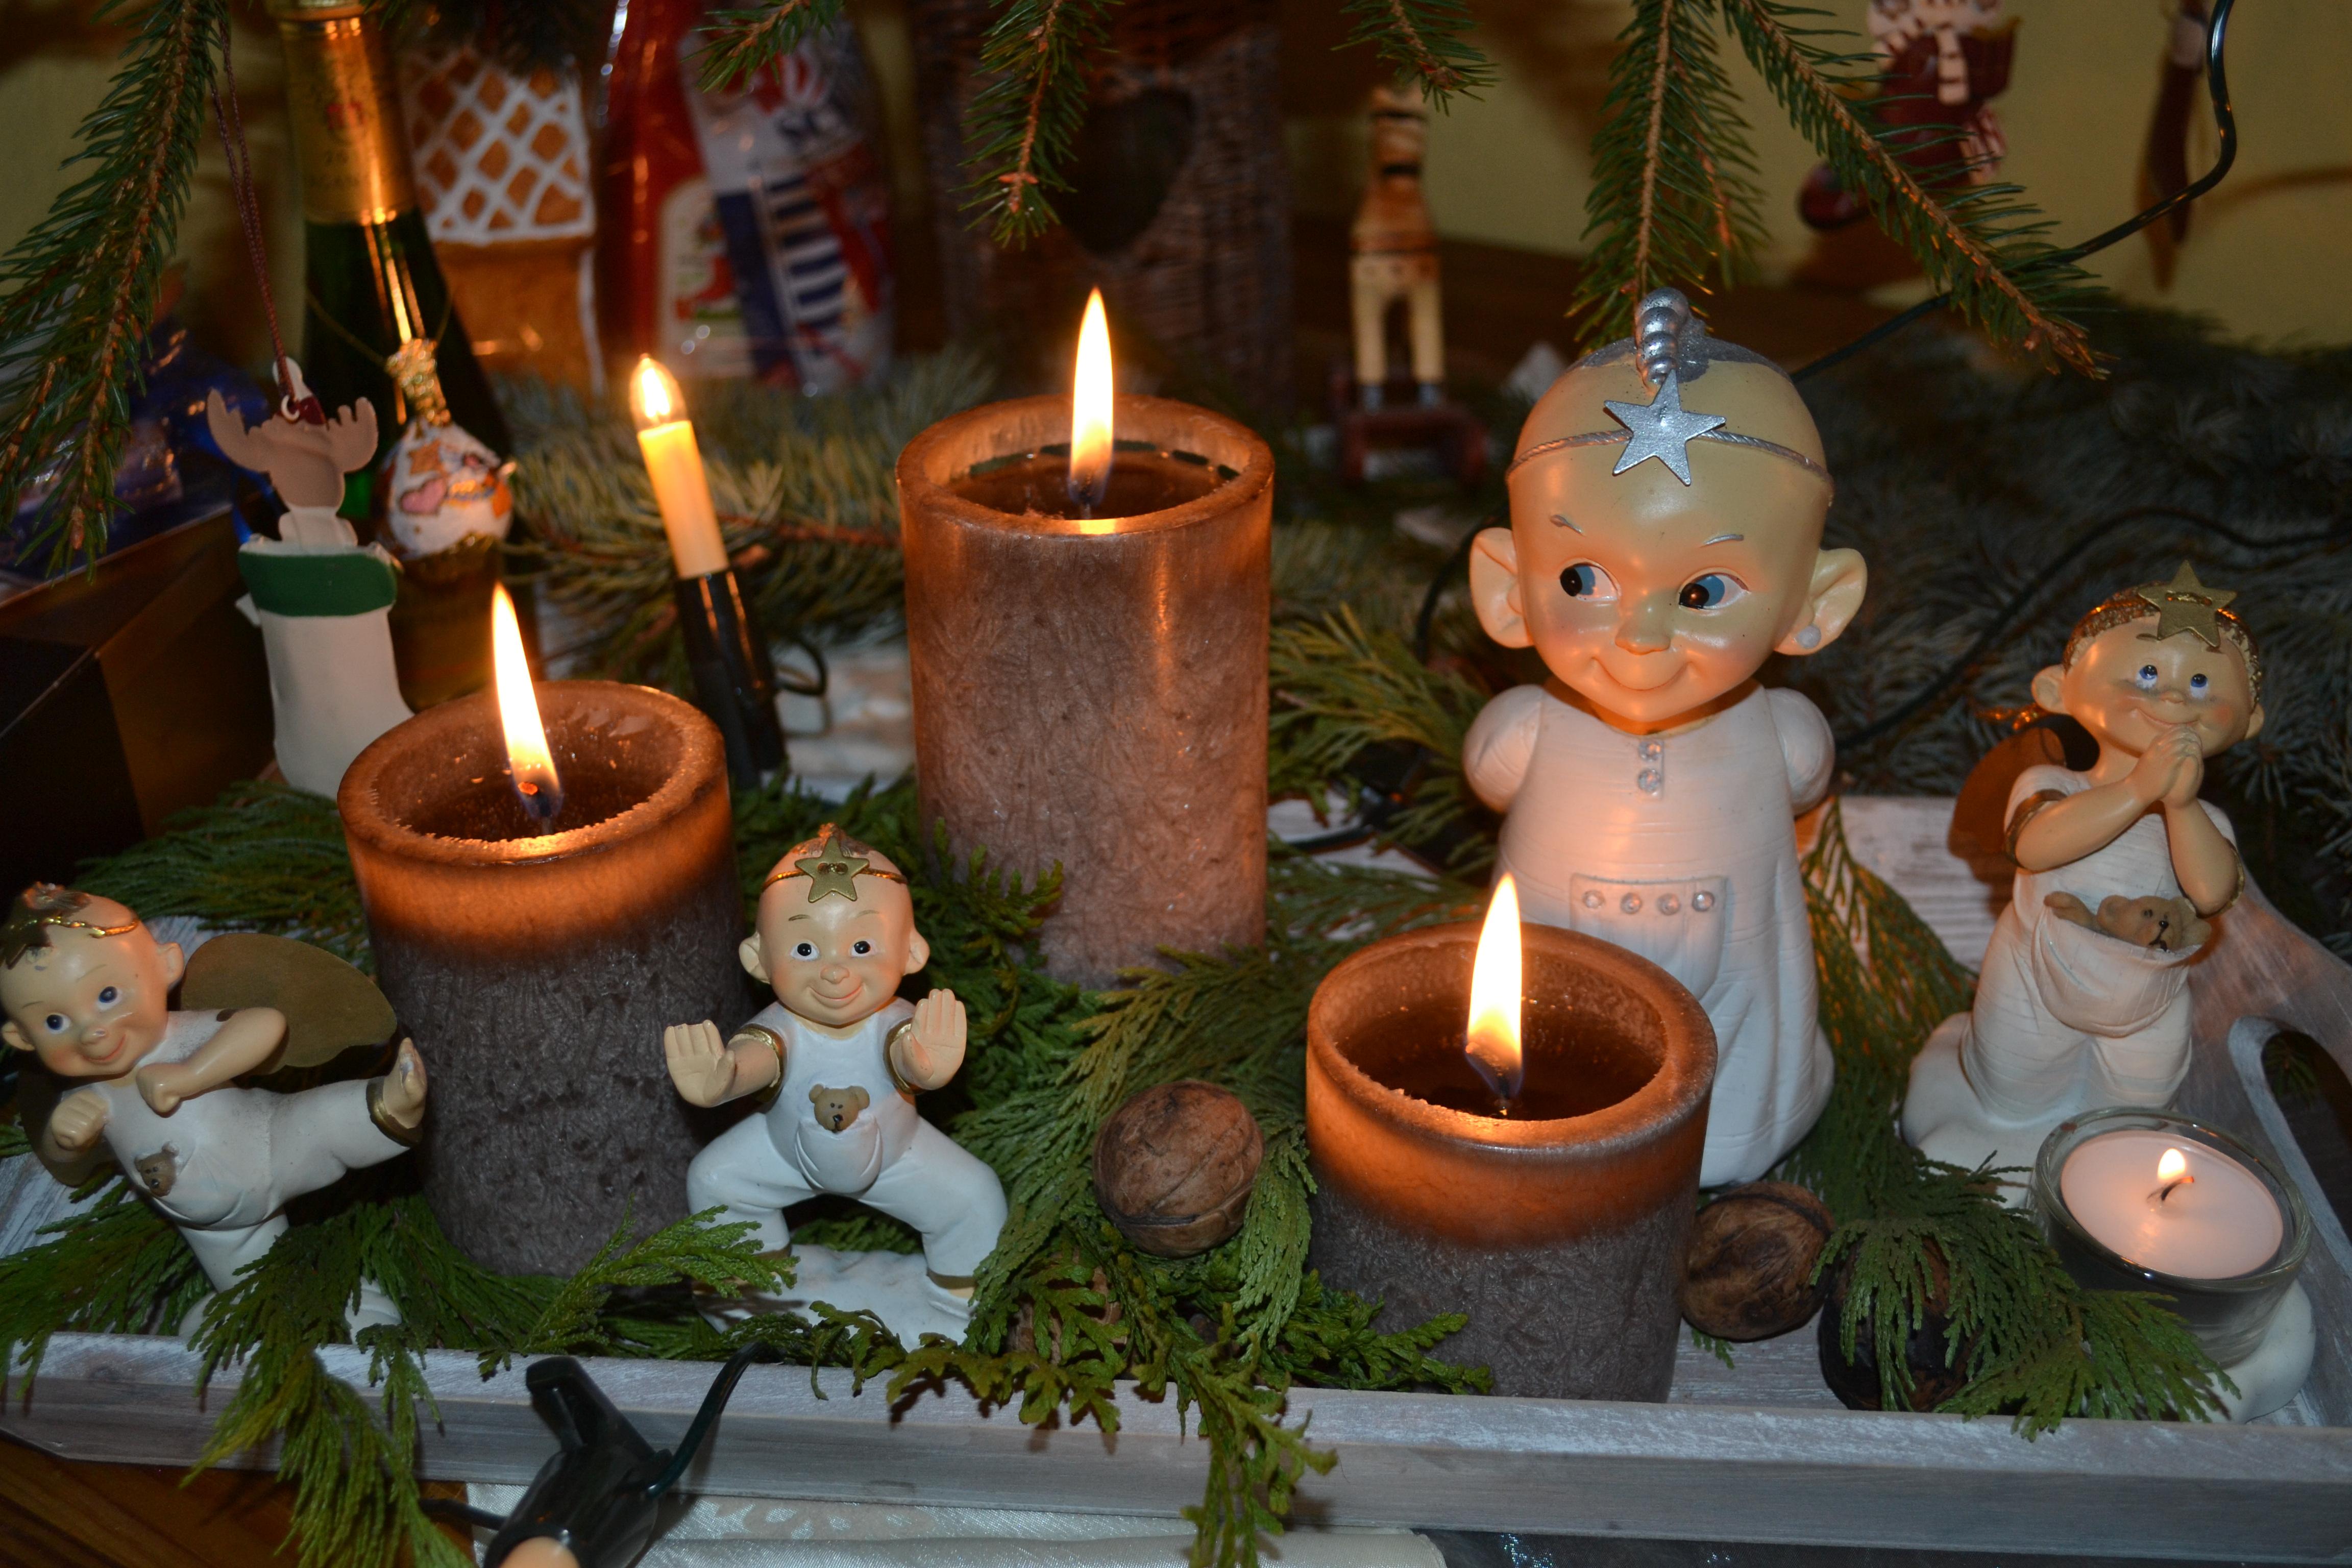 Weihnachtswünsche Mit Dankeschön.Dankeschön Frohe Weihnachten 2014 Linas Weg